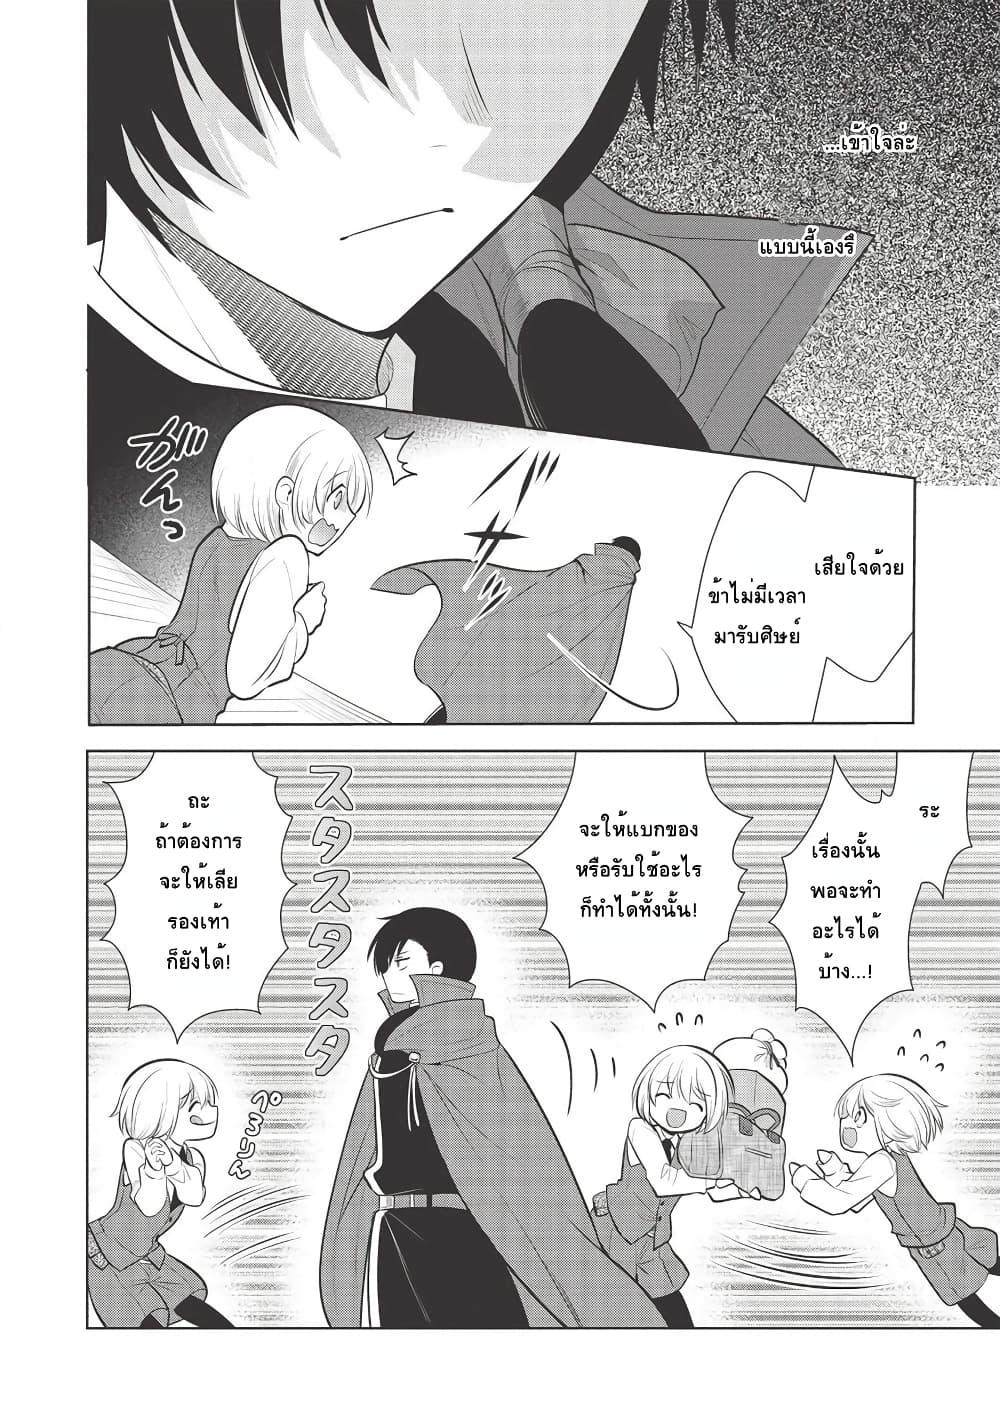 อ่านการ์ตูน Maou no Ore ga Dorei Elf wo Yome ni Shitanda ga Dou Medereba Ii ตอนที่ 28 หน้าที่ 20